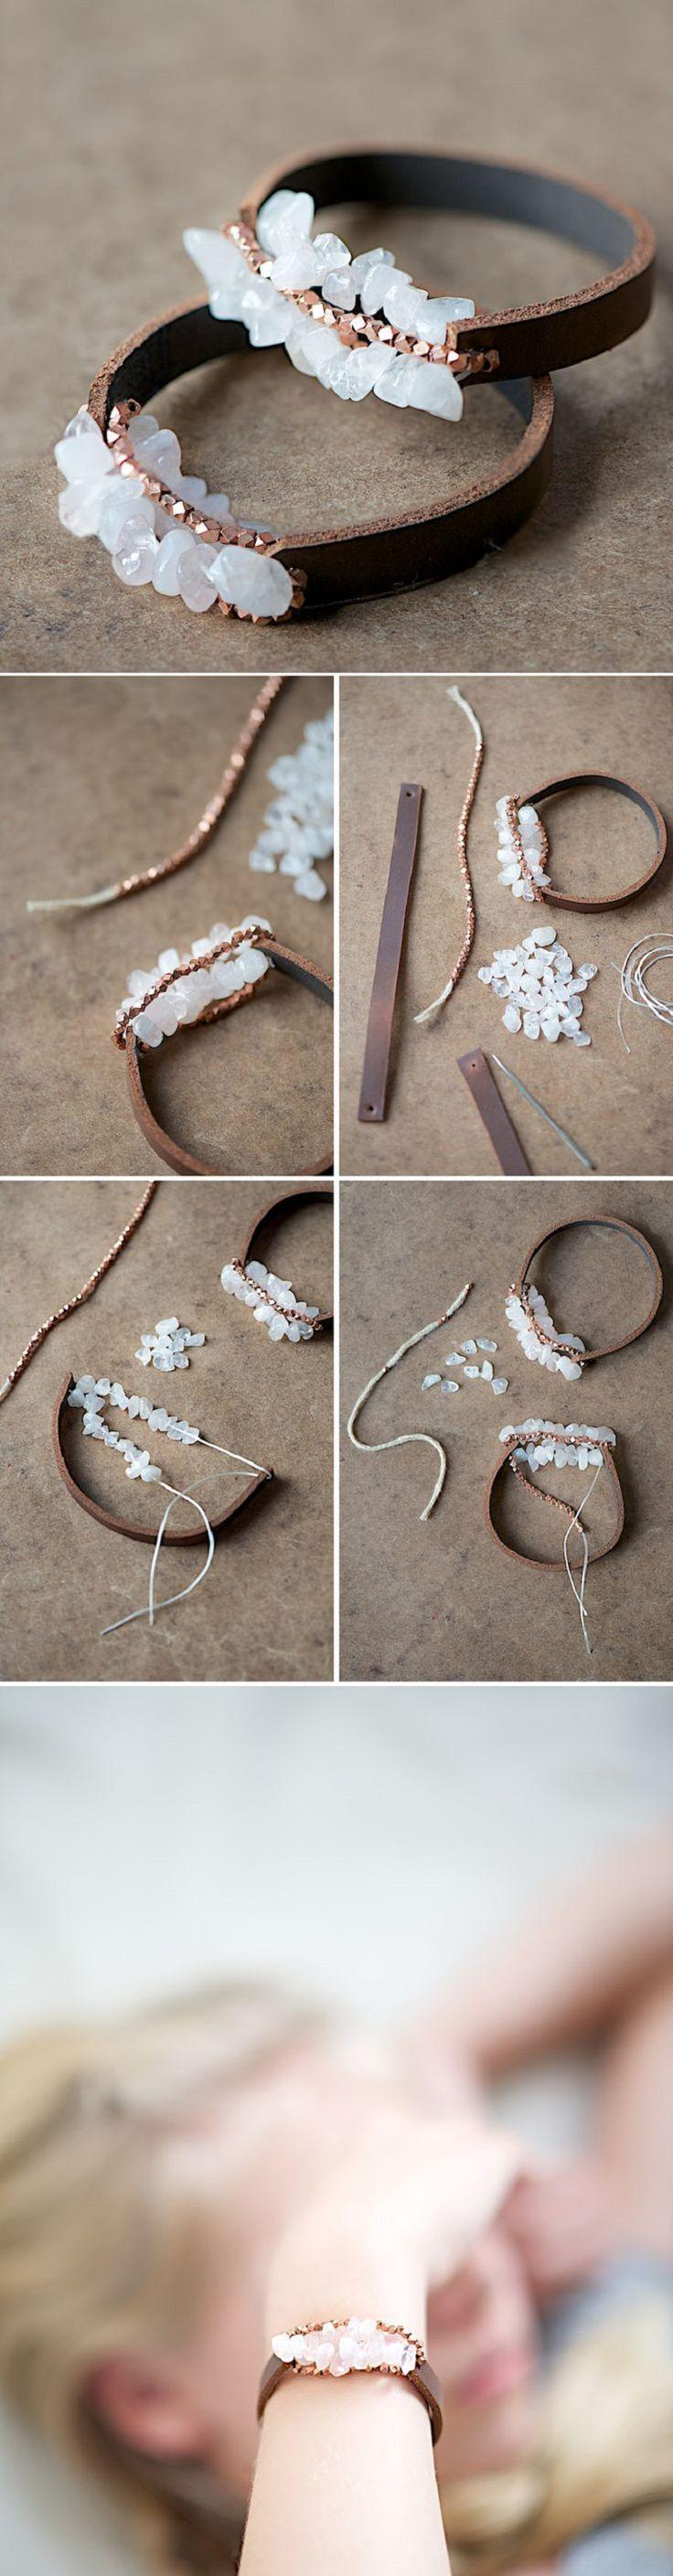 украшения в стиле бохо-шик делаем браслет